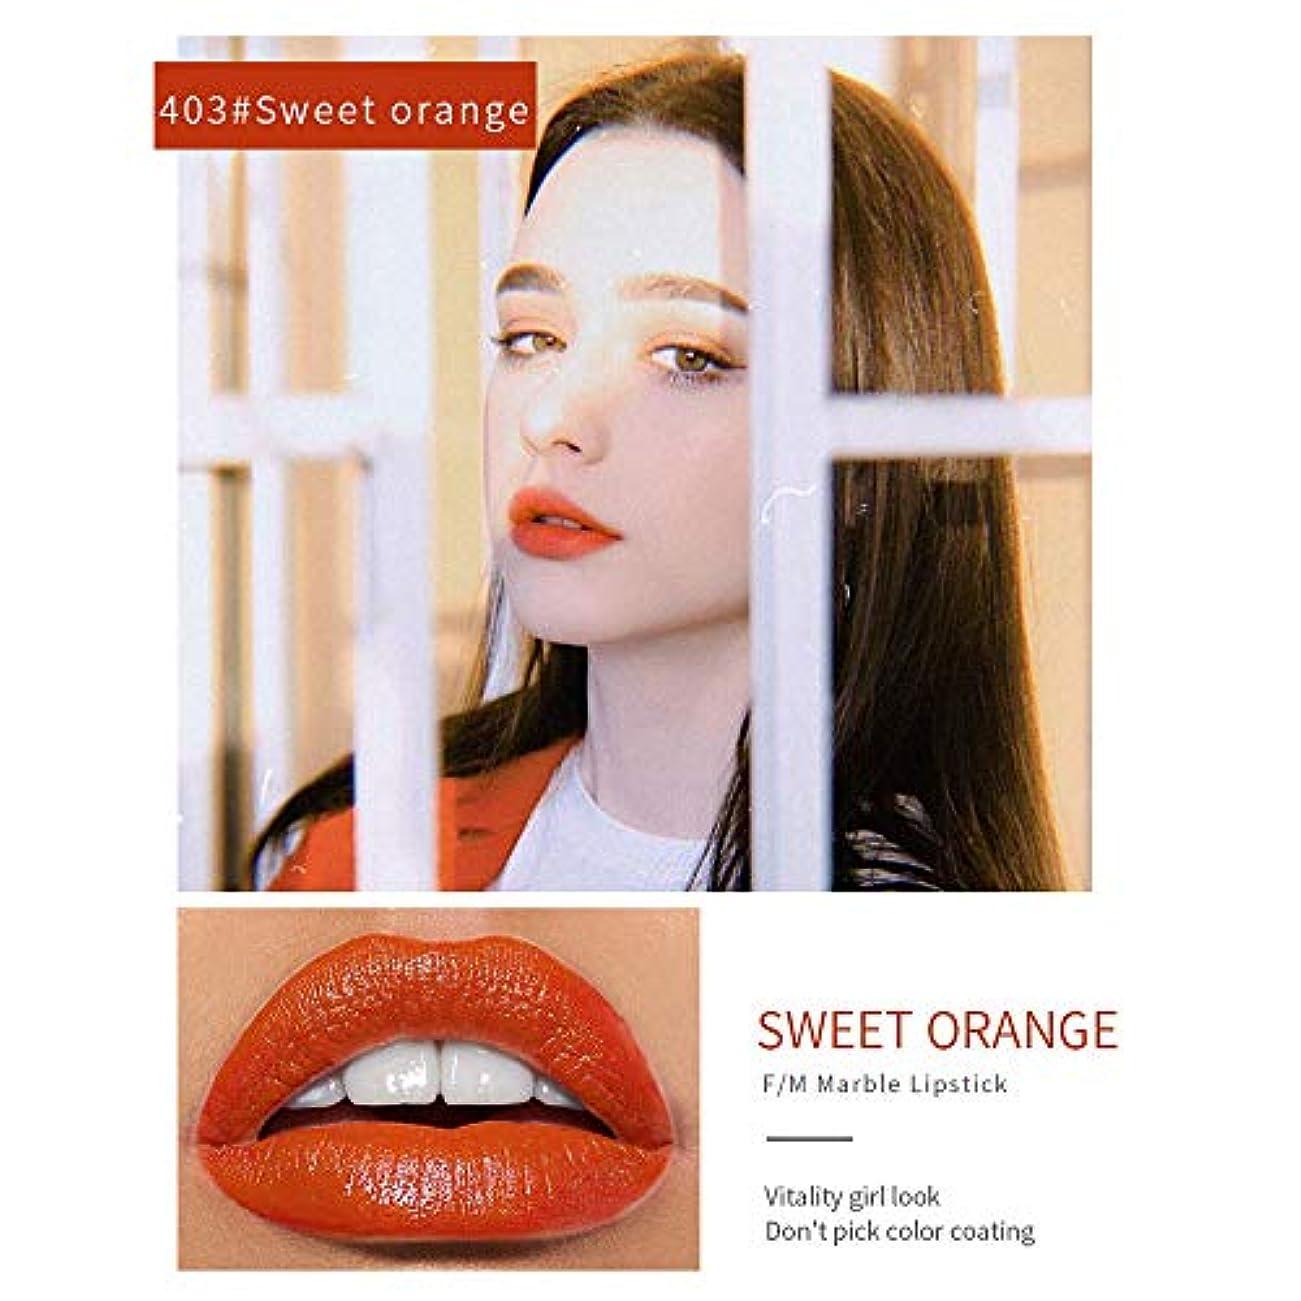 キノコ会計士時口紅 人気 安い Dafanet リップグロス リップグレーズ リップスティック 落ちにくい かわいい うるおい 可愛い オレンジ系 リップグロウ リップベース 女性 おしゃれ リップティント 面白い カップにこだわらない...